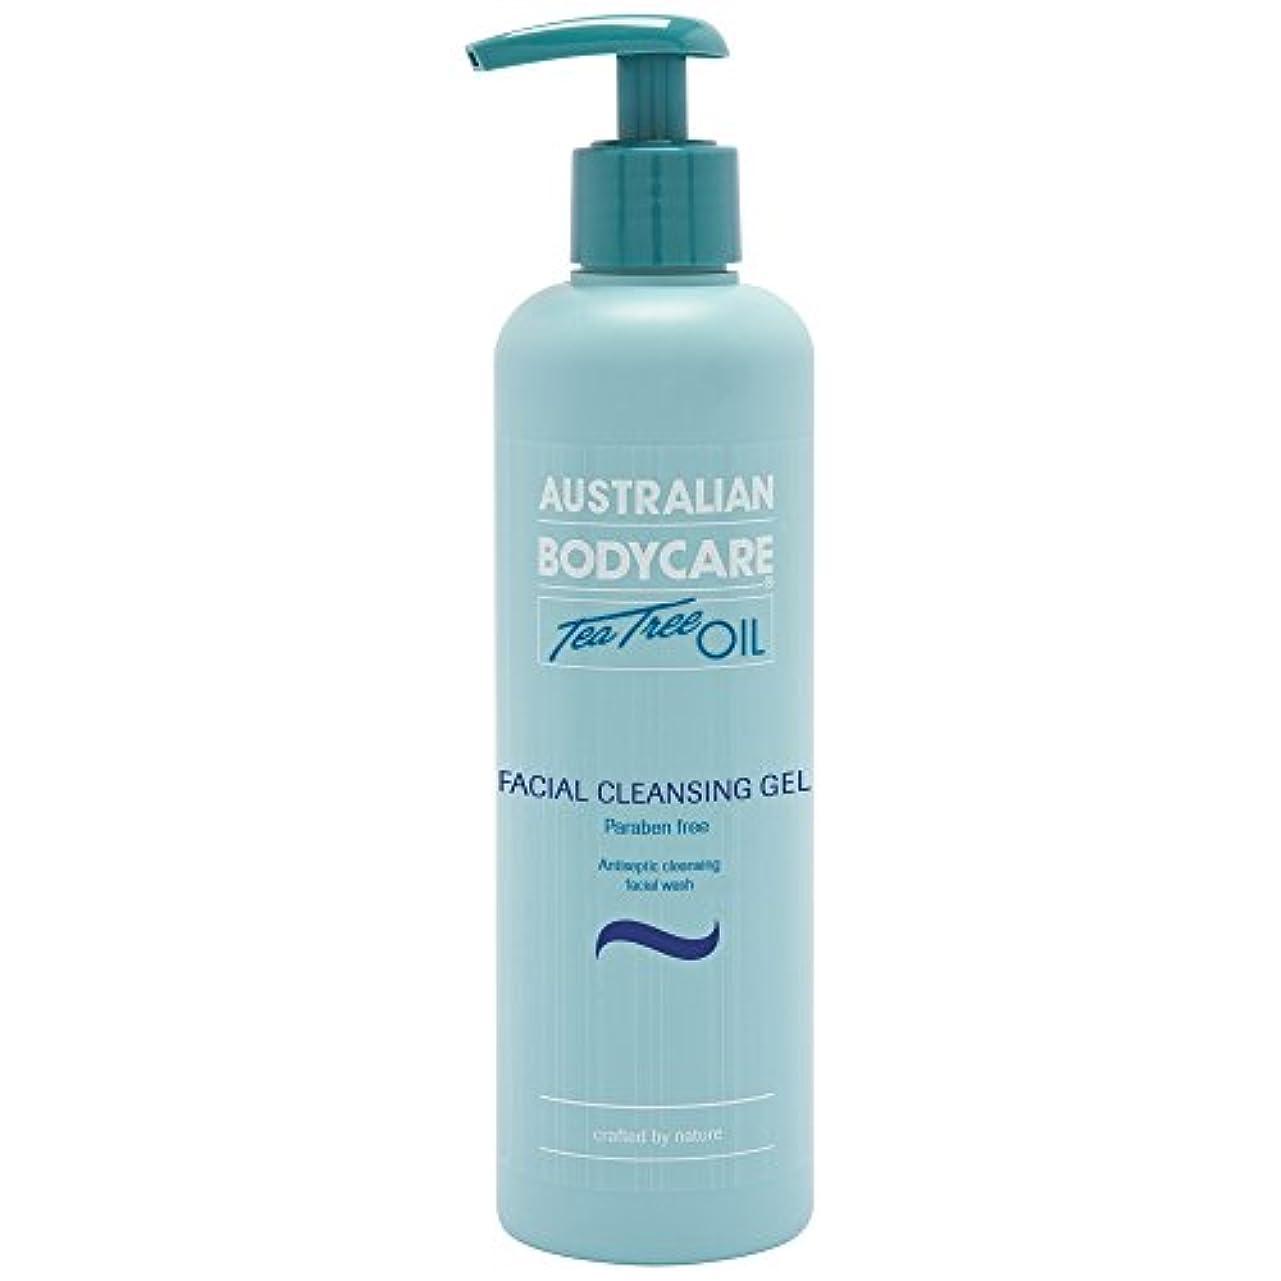 オーストラリアのボディーケアティーツリーオイル洗顔ゲル250ミリリットル (Australian Bodycare) - Australian Bodycare Tea Tree Oil Facial Cleansing...